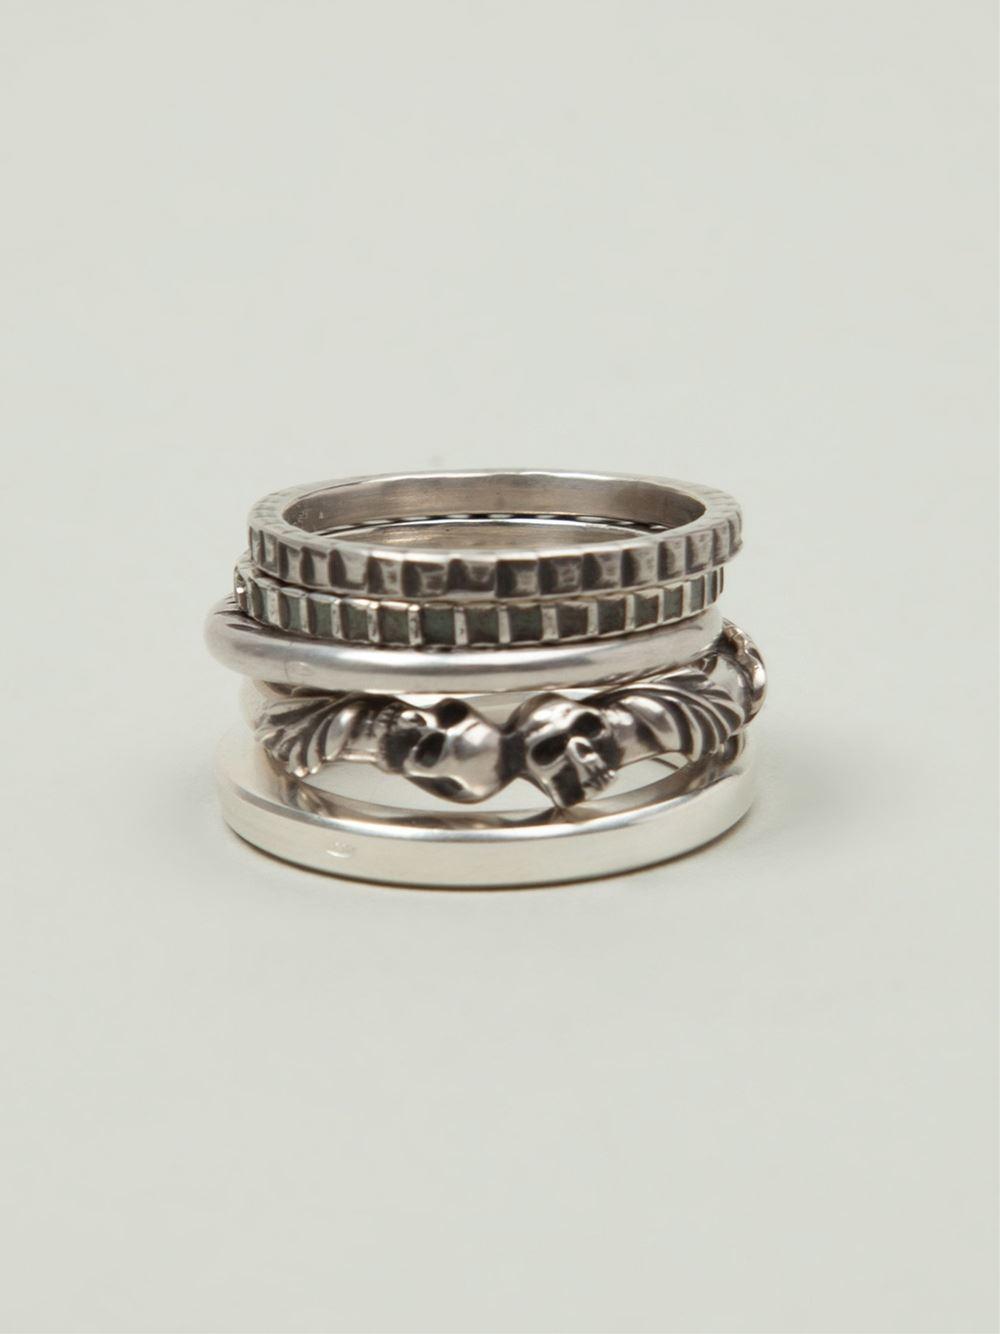 Werkstatt m nchen werkstatt m nchen stacked rings in metallic for men lyst - Mobel maxx munchen ...